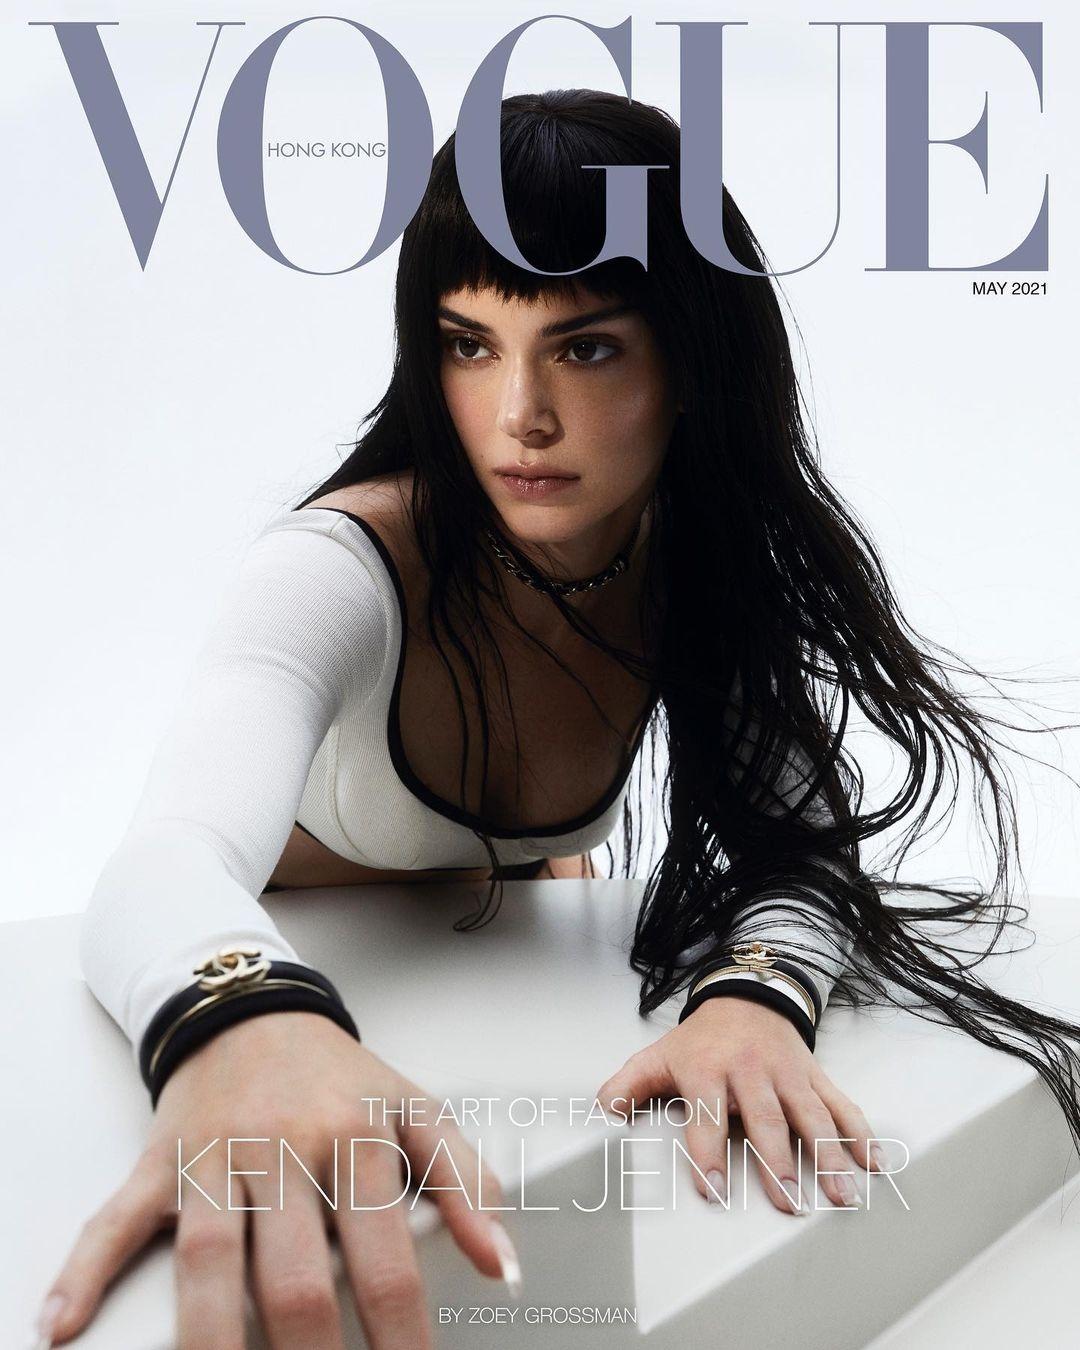 Кендалл Дженнер украсила обложку Vogue и рассказала о панических атаках (ФОТО) - фото №1